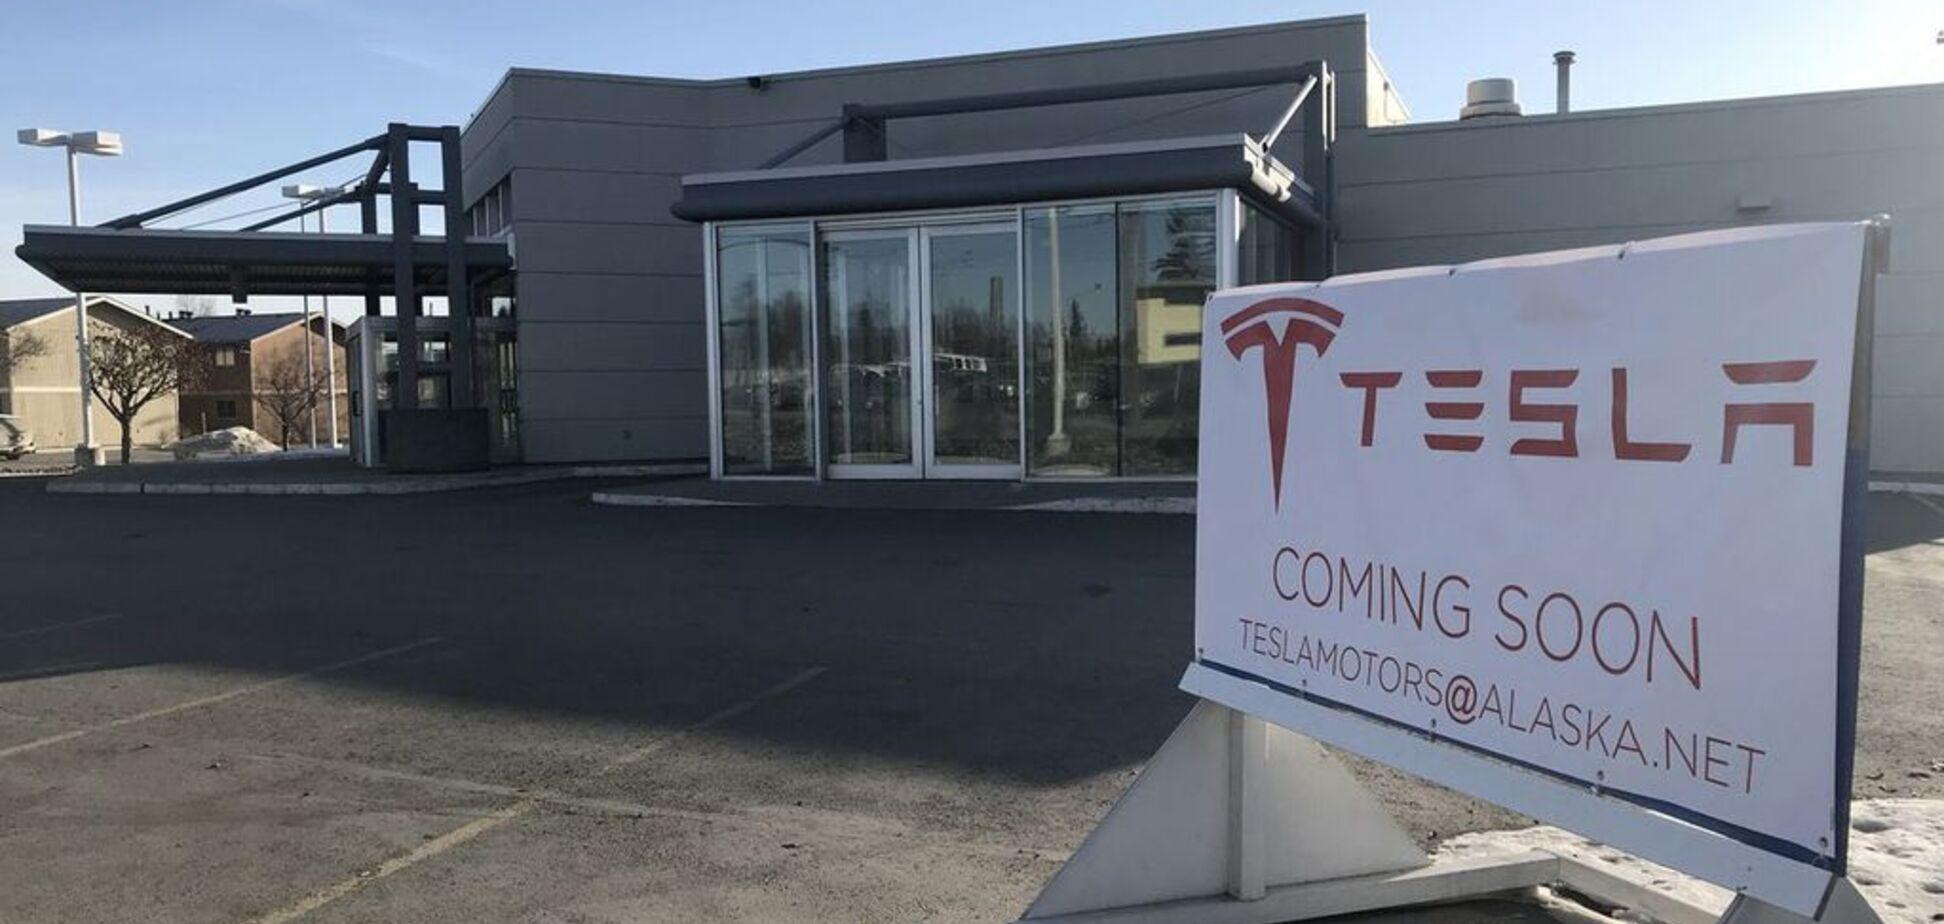 Удар по ископаемому топливу: Tesla построит на Аляске гигантскую батарею